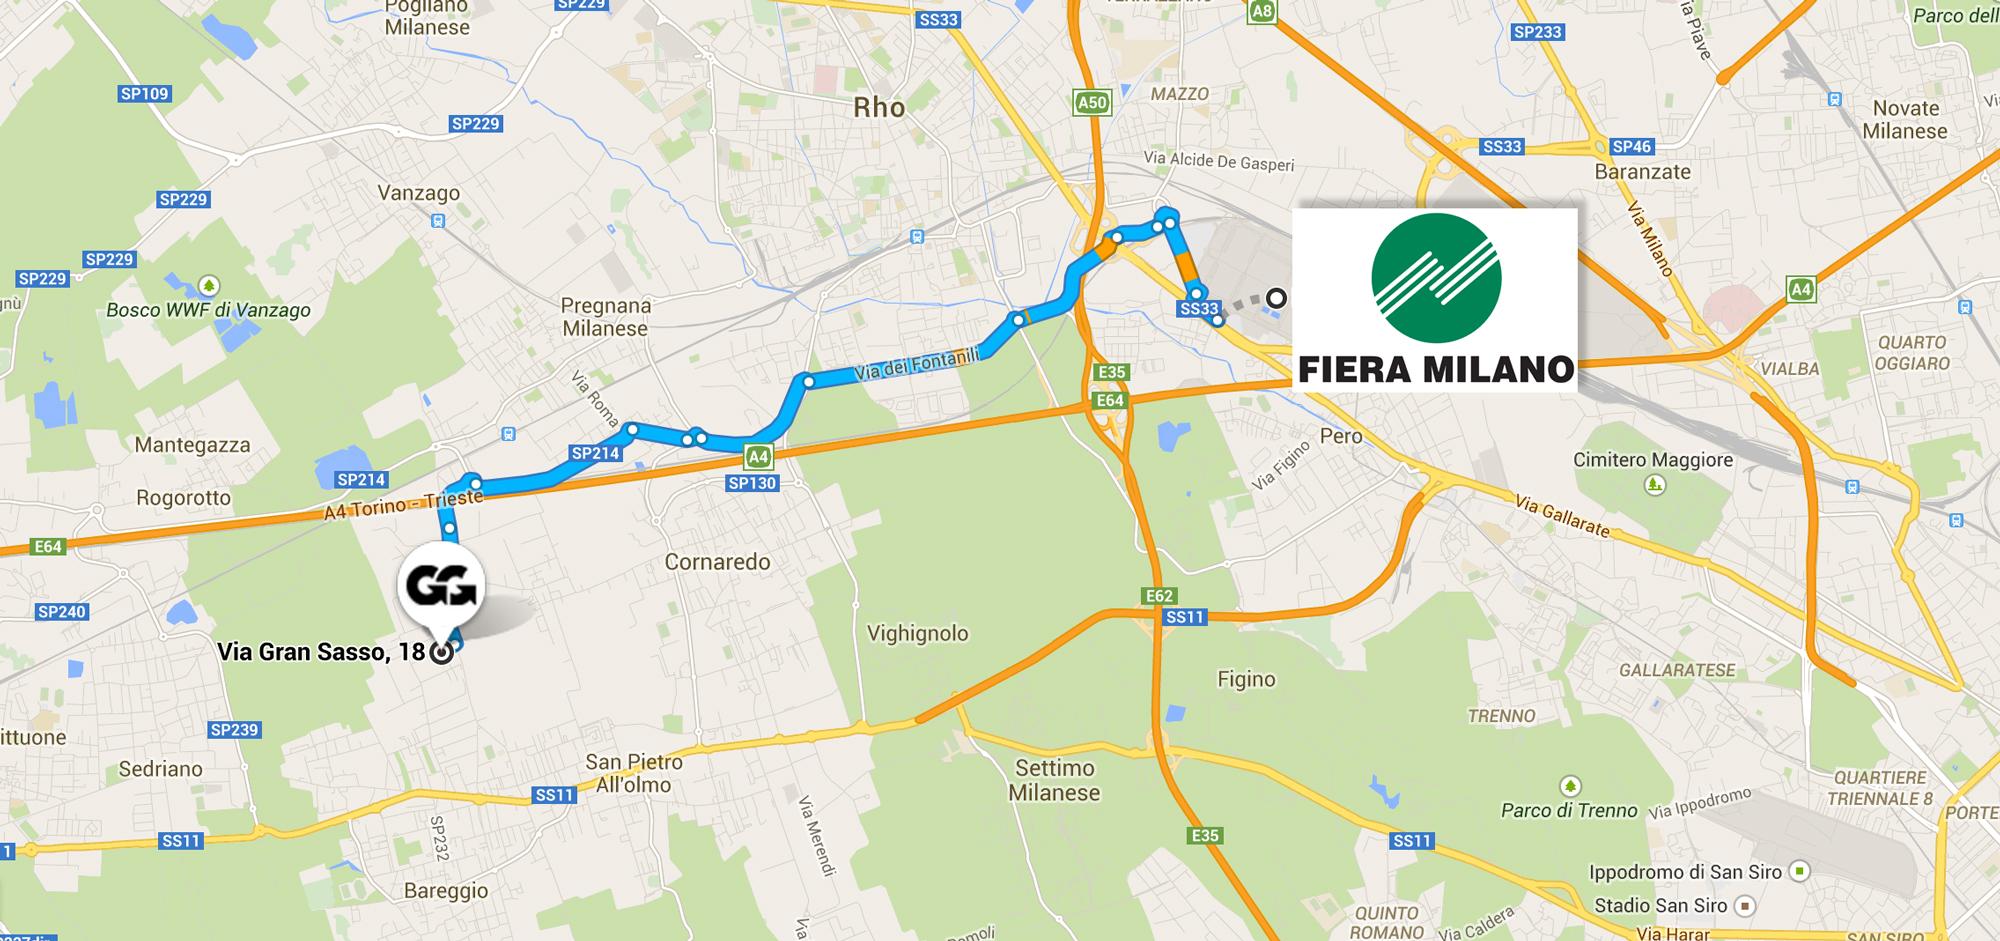 mappa_fierarho